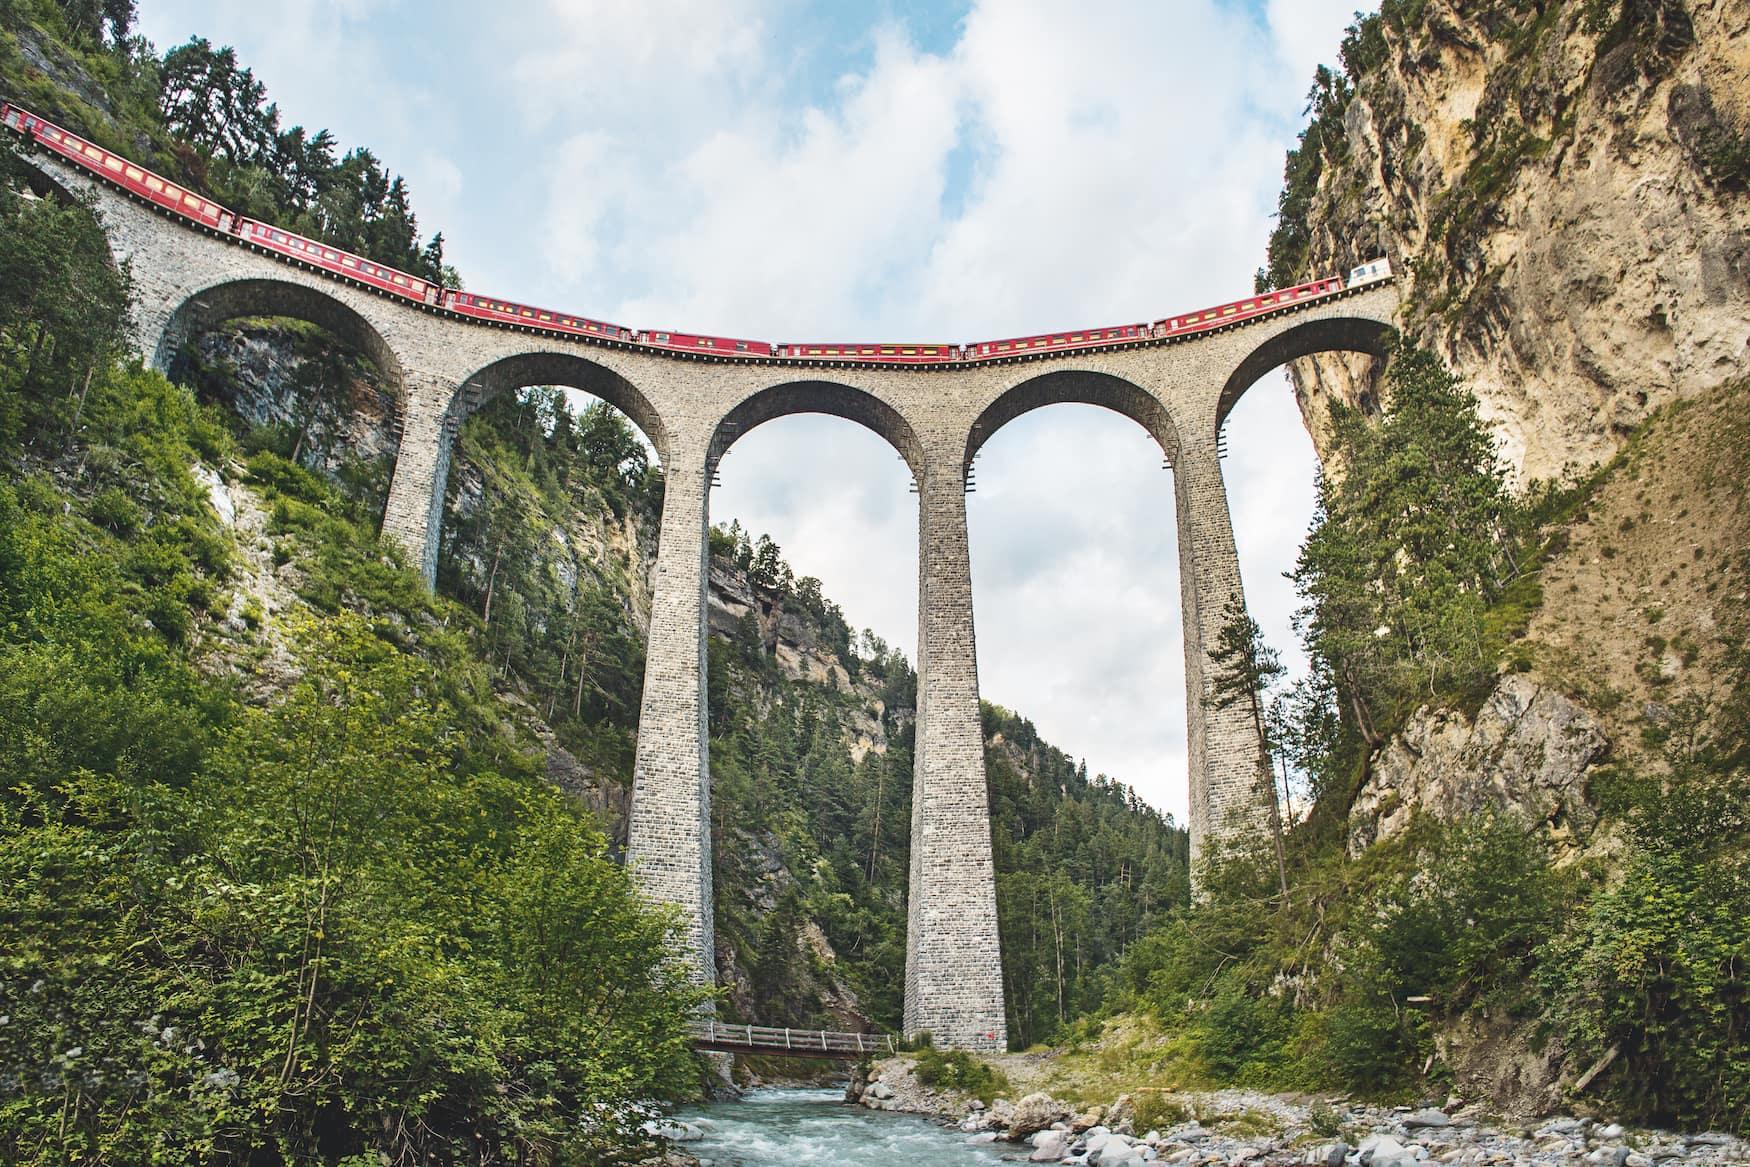 Landwasserviadukt bei Filisur, 65m hoch und 136m lang. Wahrzeichen der Rhaetischen Bahn und UNESCO-Weltkulturerbe